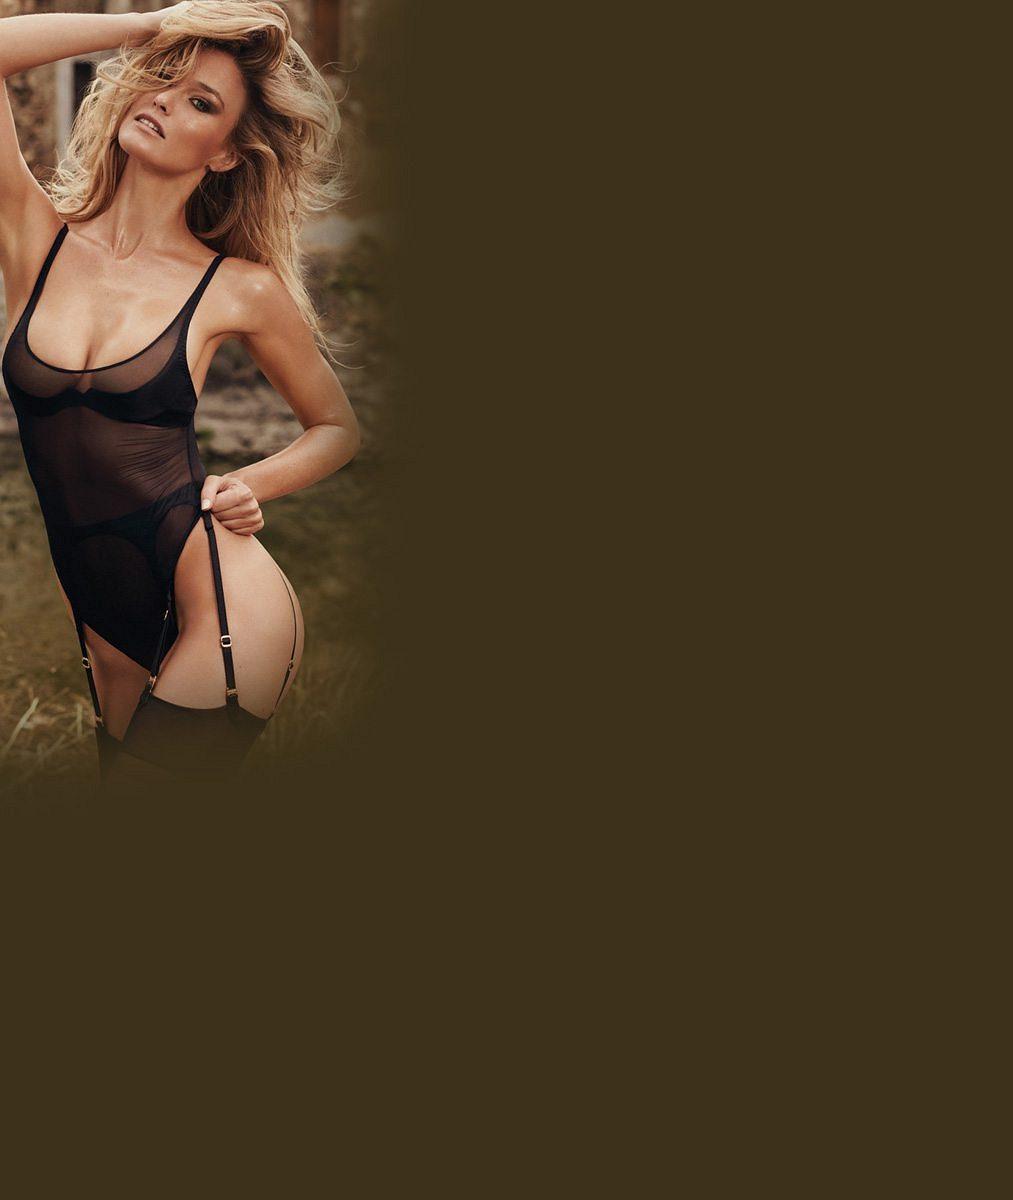 Leo, nelituješ? DiCapriova bývalka předvedla své božské tělíčko v kampani na sexy prádélko